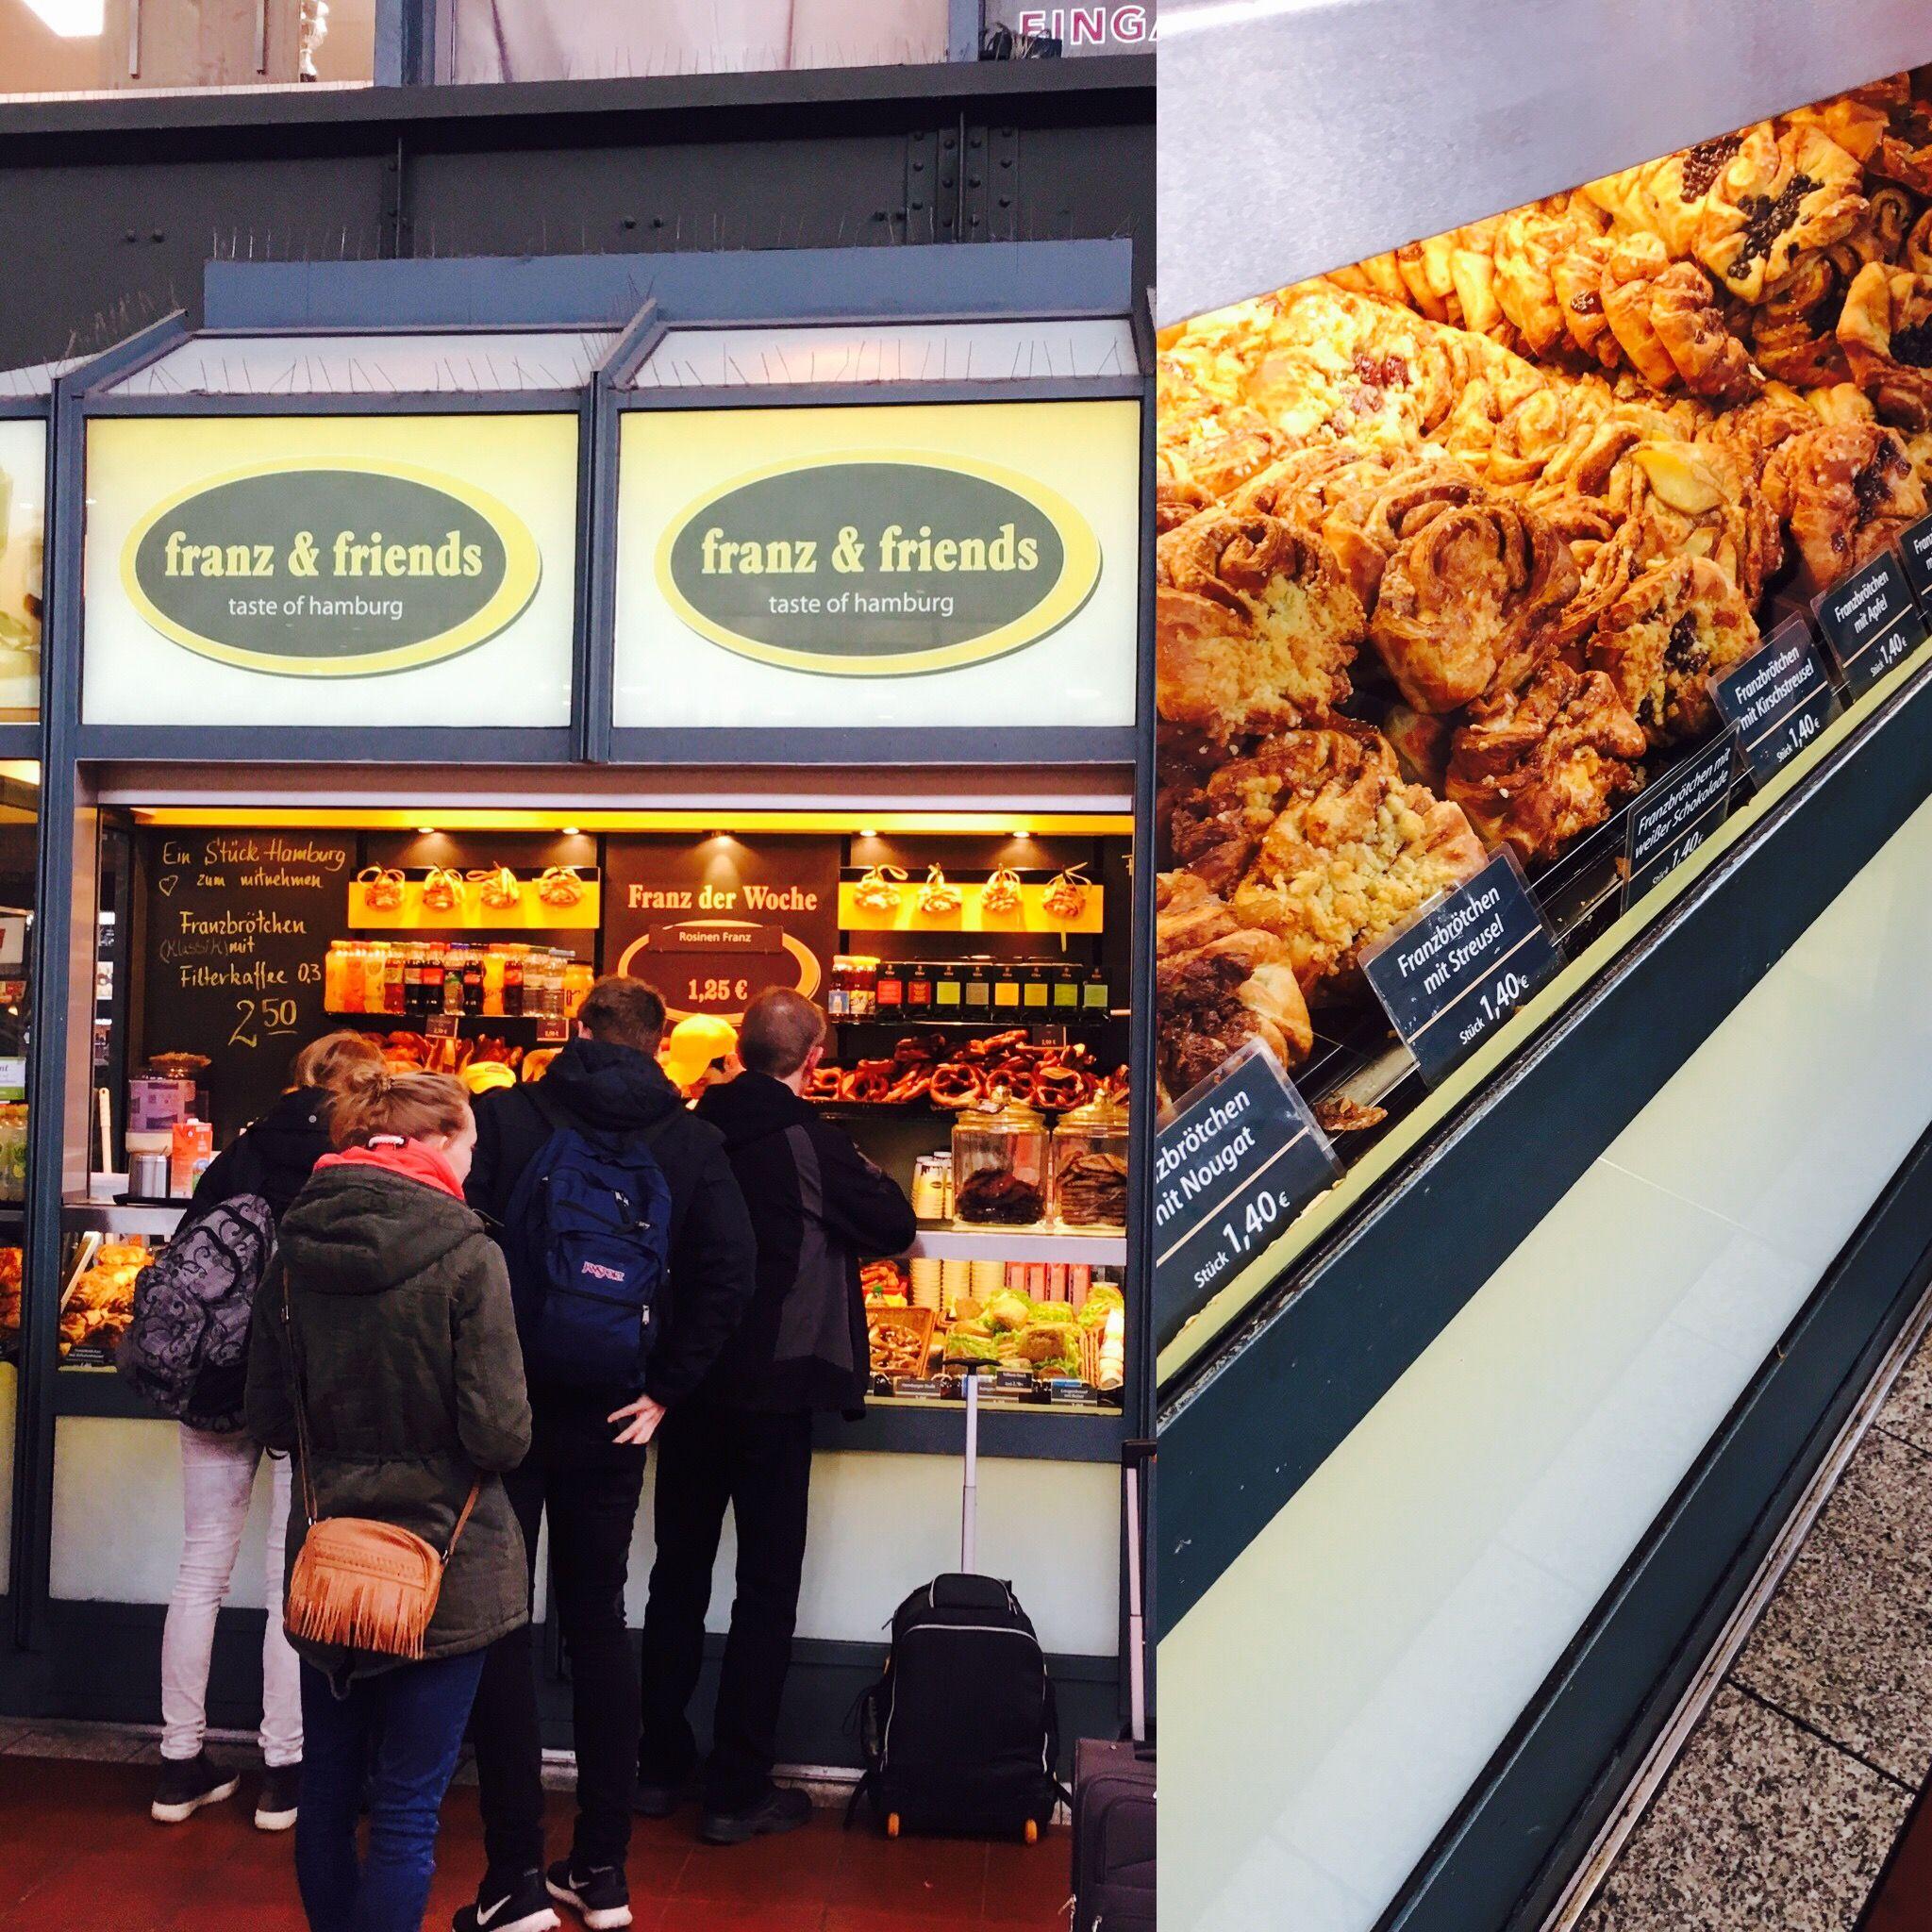 Franz Friends In Der Hamburger Wandelhalle Am Hauptbahnhof Hat Ein Vielfalt An Franzbrotchen Hamburg Places To Visit Tasting